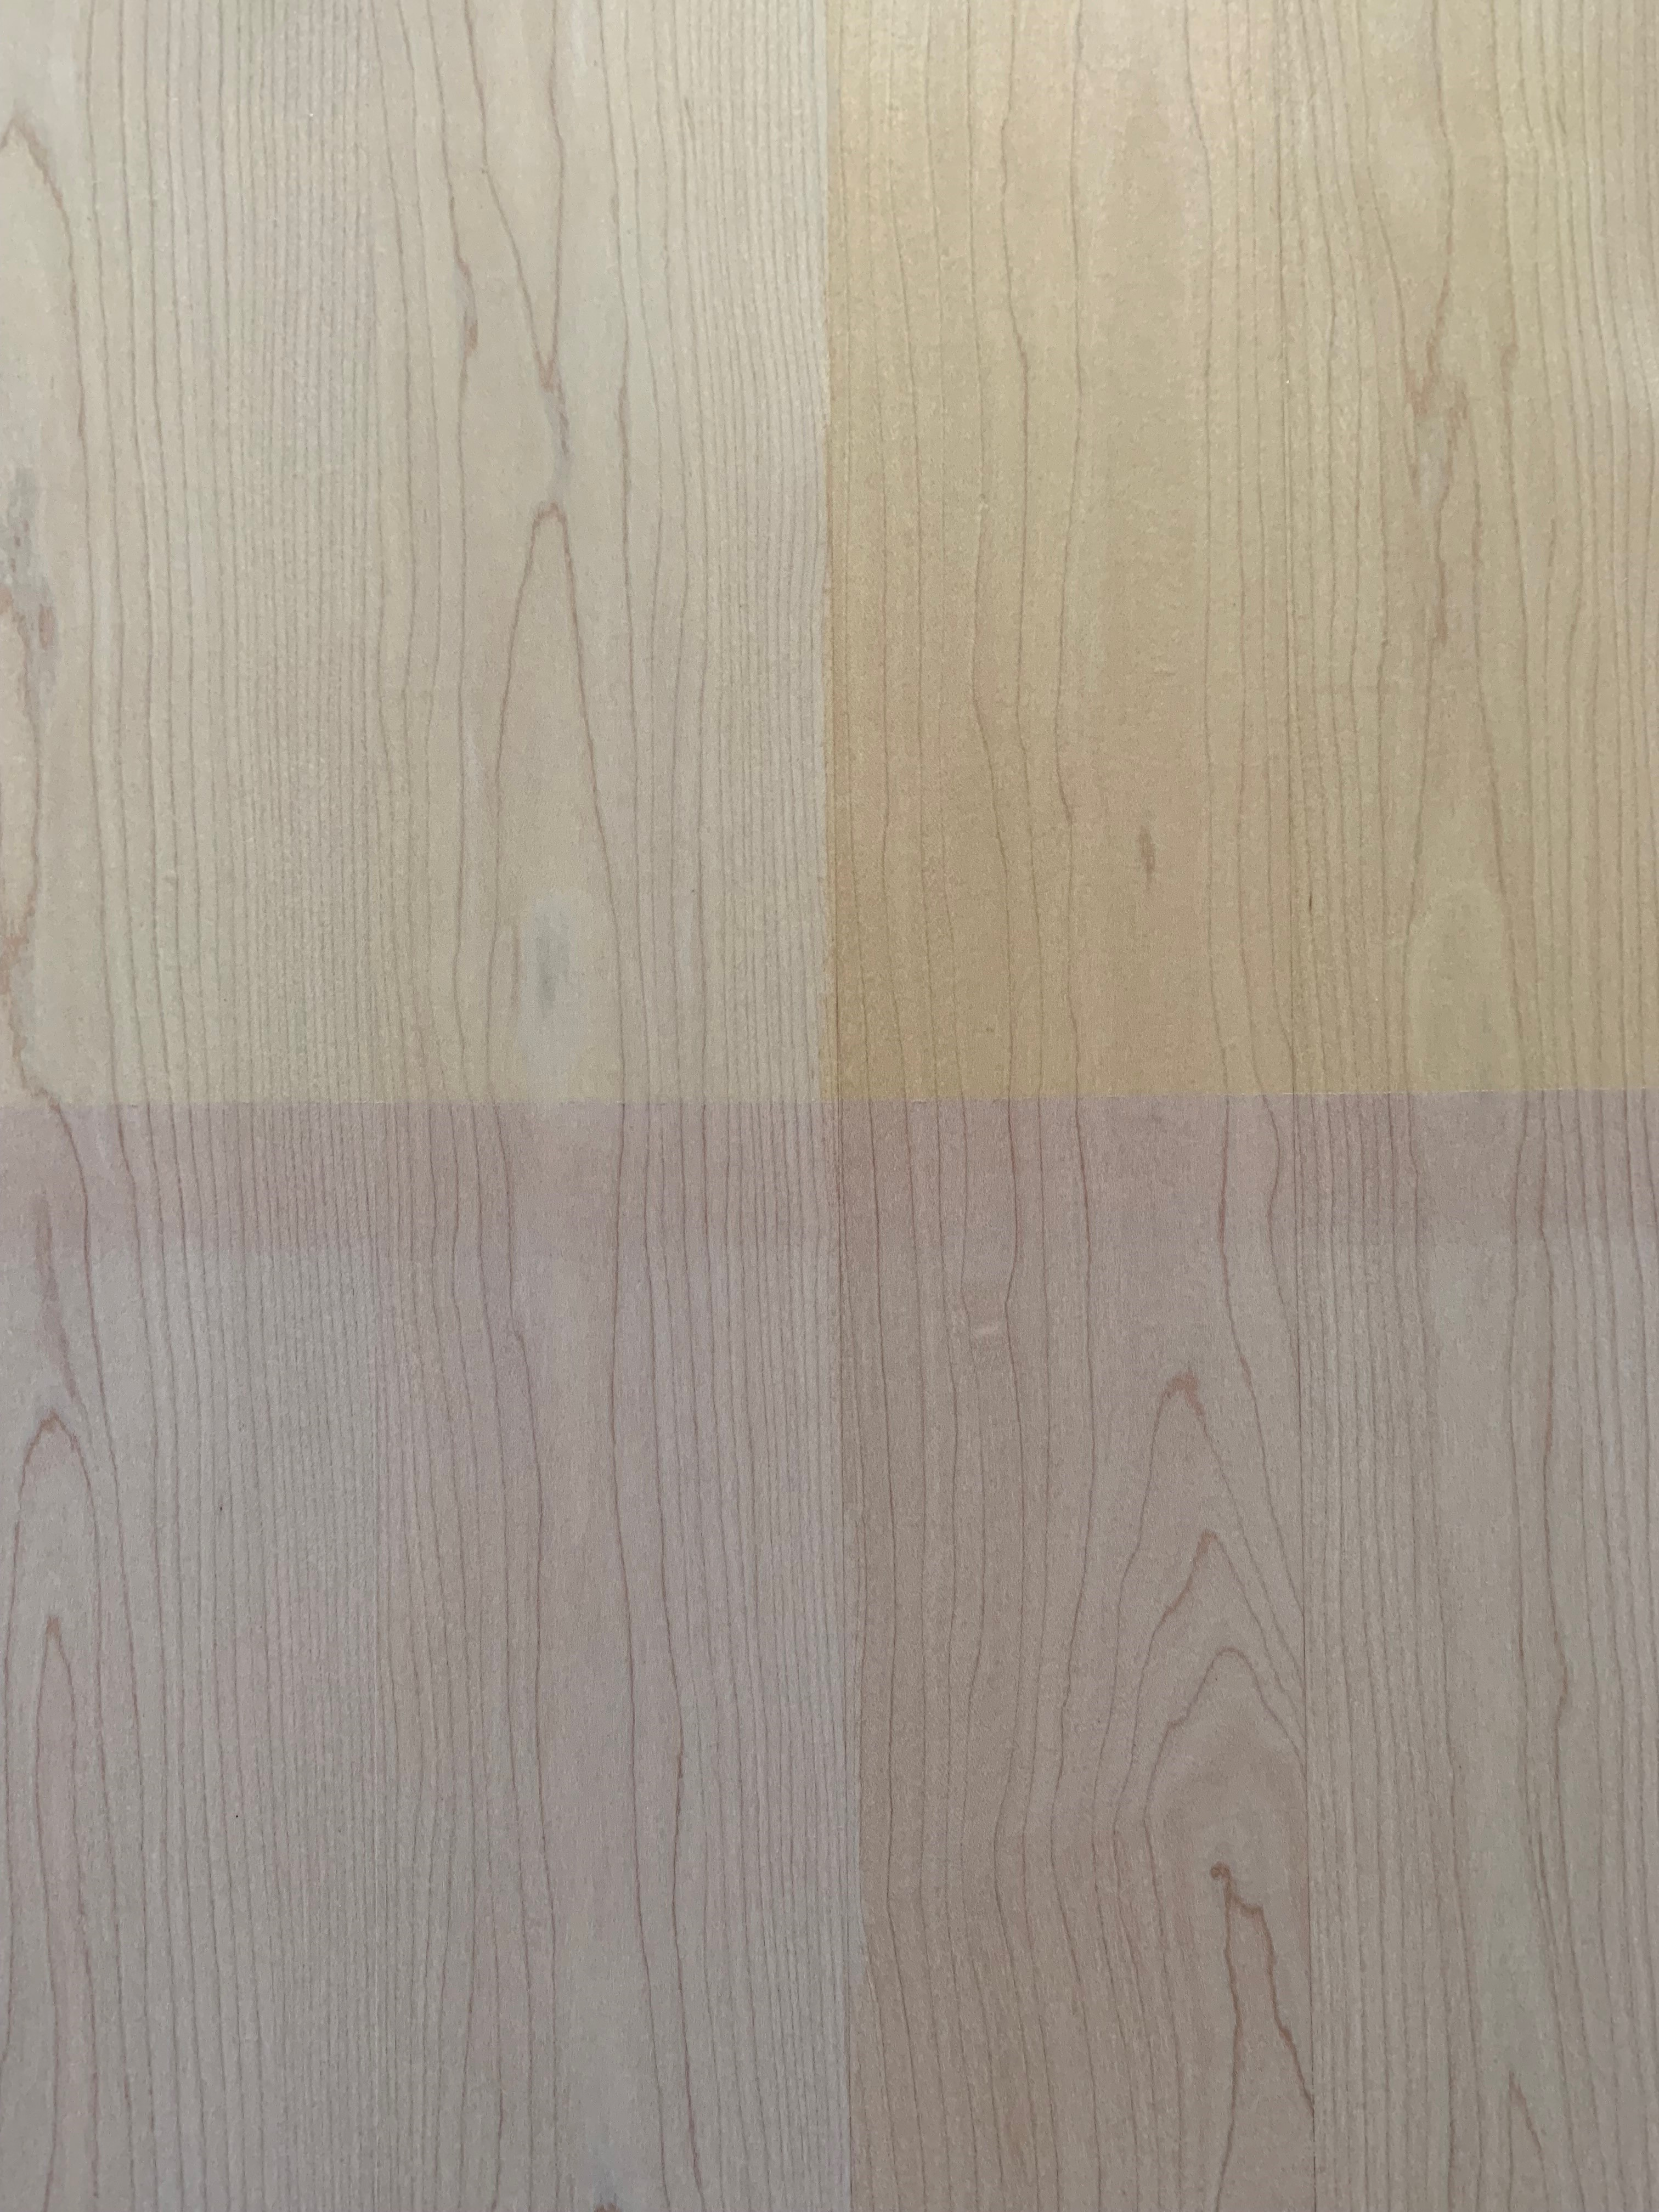 Lichtechtheit von Parkett: Holz reagiert oft stärker, als Lacke dies verhindern können